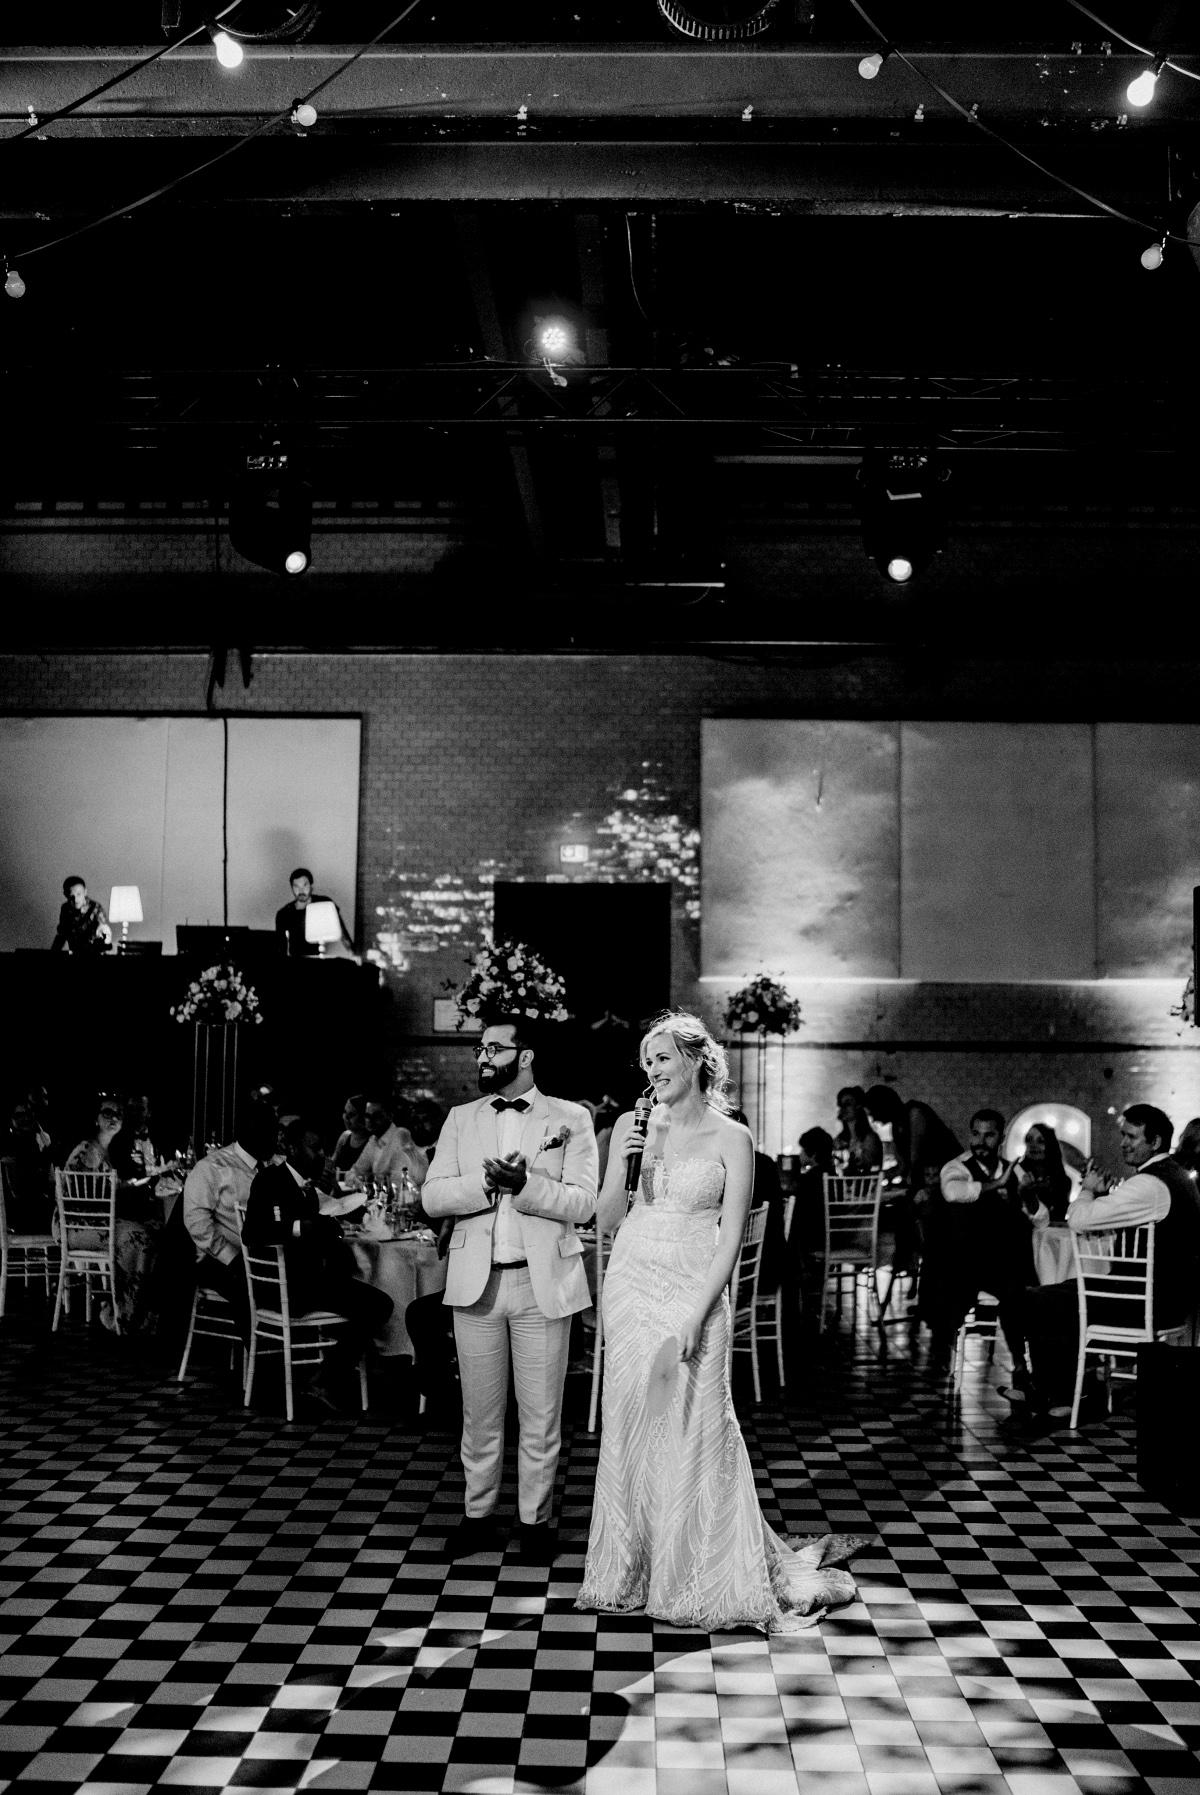 Idee Unterhaltung Gäste Programmpunkte Hochzeit Hochzeitslocation Fabrik urban Rede Brautpaar - Persische Boho-Chic Hochzeit in der Malzfabrik Berlin von Hochzeitsfotografin aus Berlin Friedrichshain © www.hochzeitslicht.de #hochzeitslicht